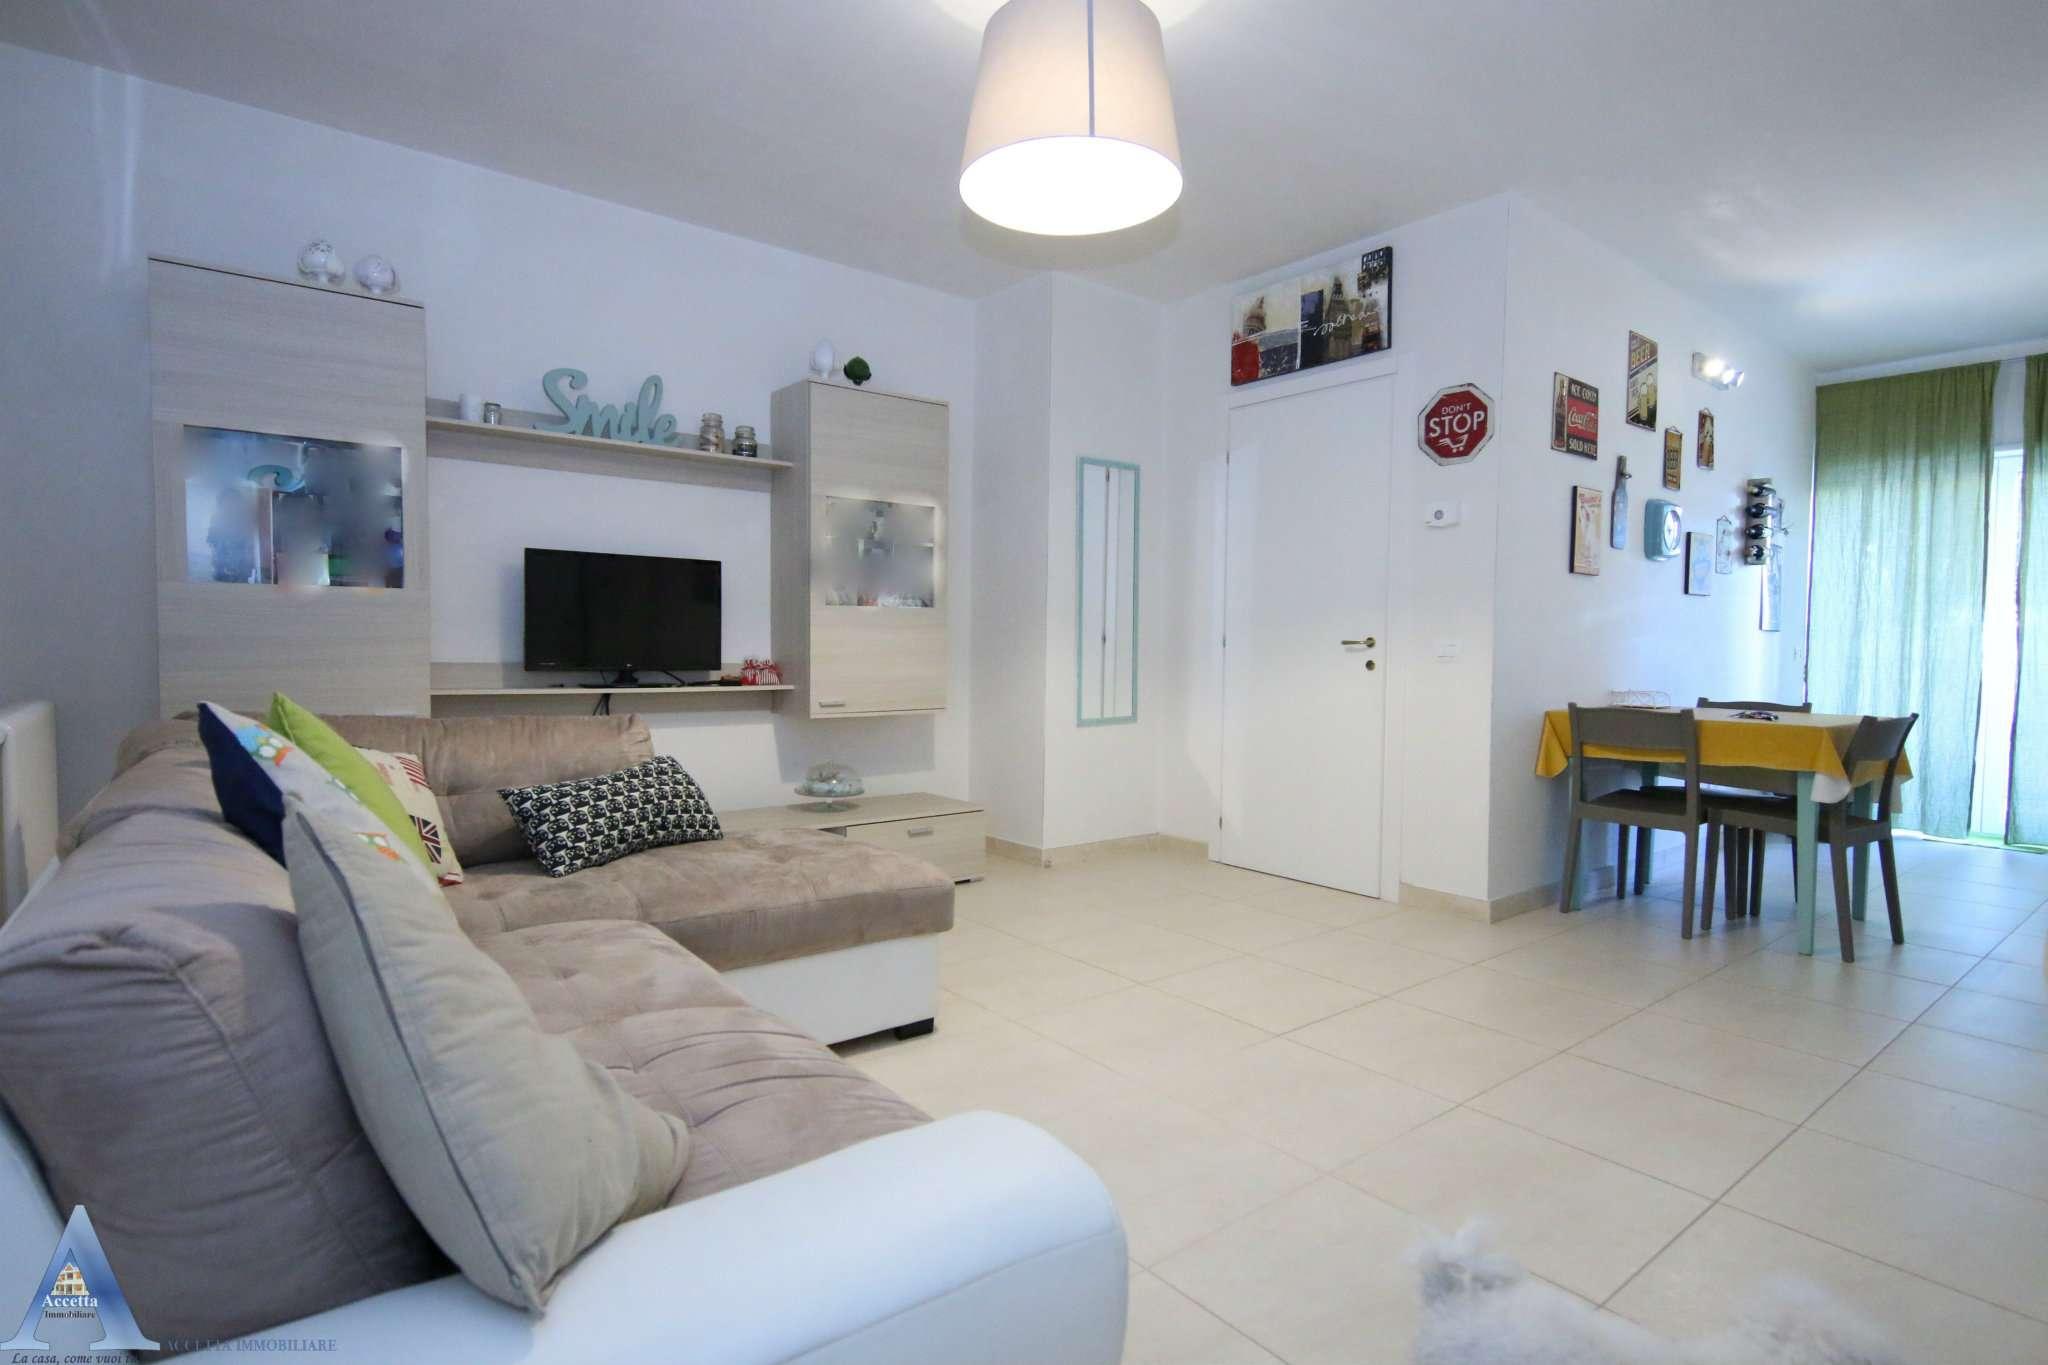 Appartamento in vendita a San Giorgio Ionico, 2 locali, prezzo € 60.000   CambioCasa.it